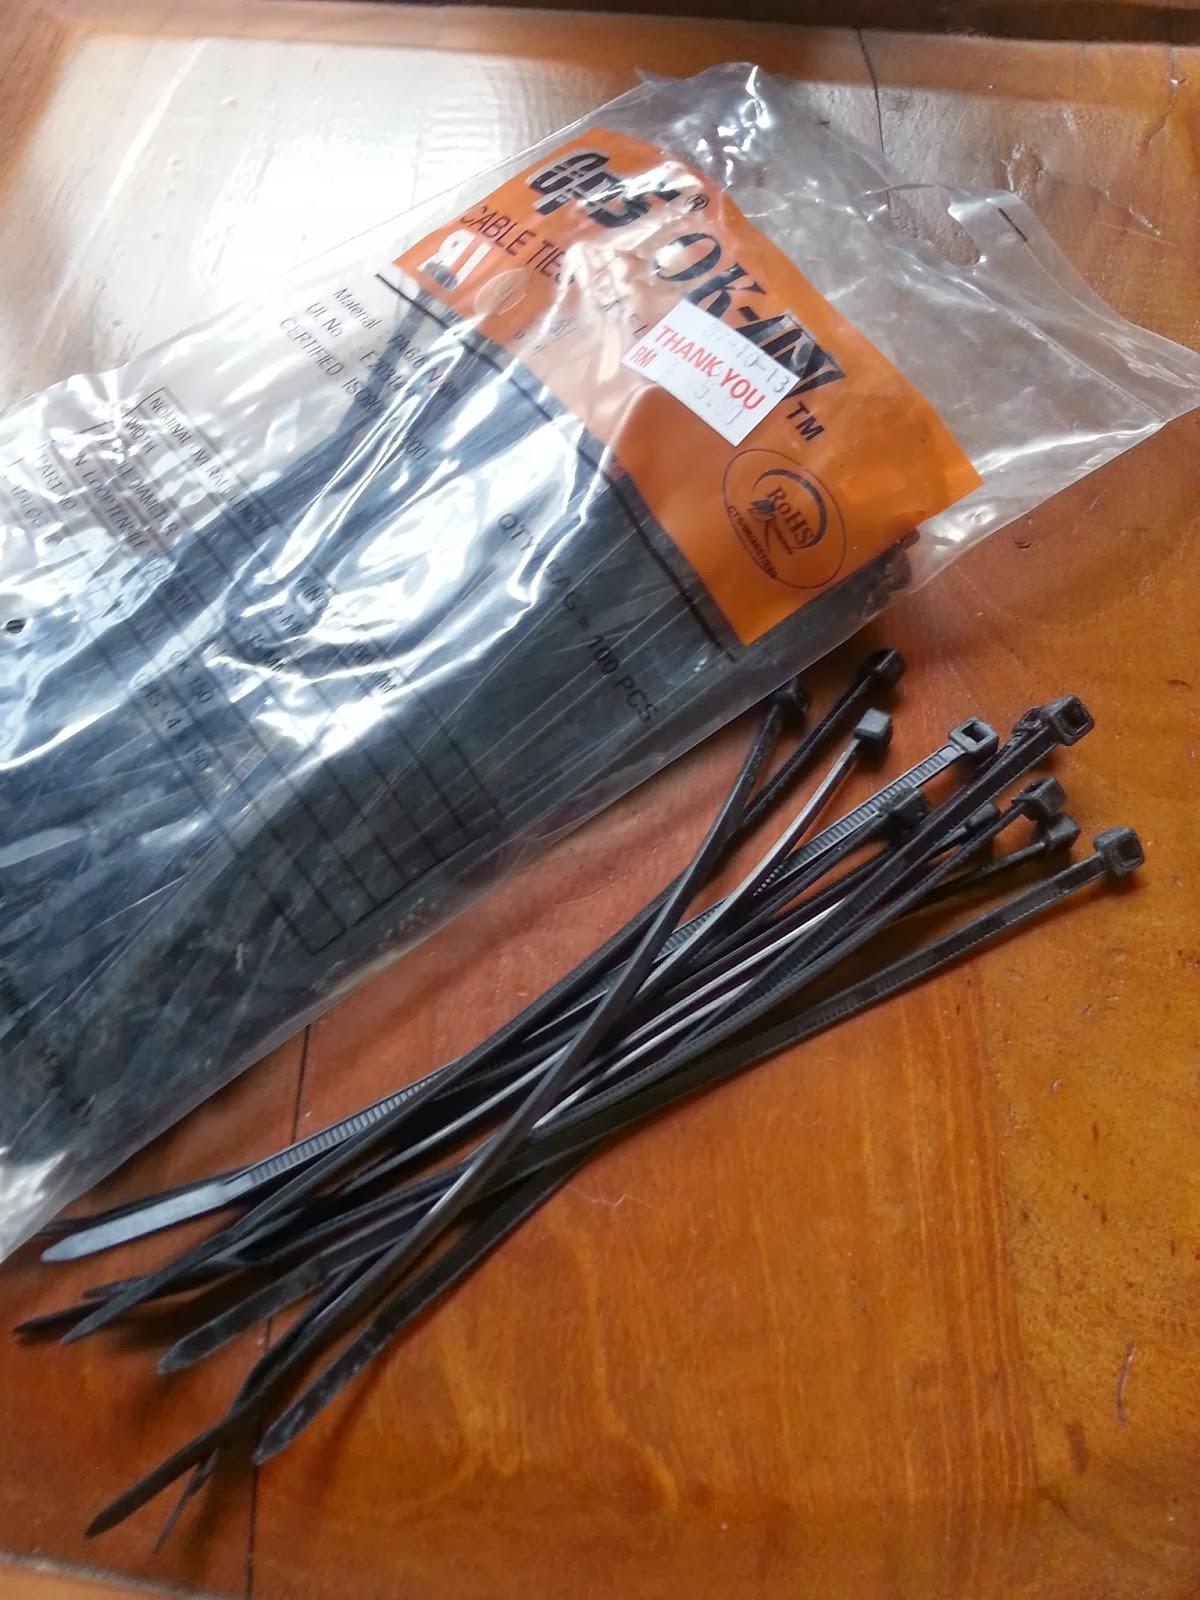 Kabel pengikat